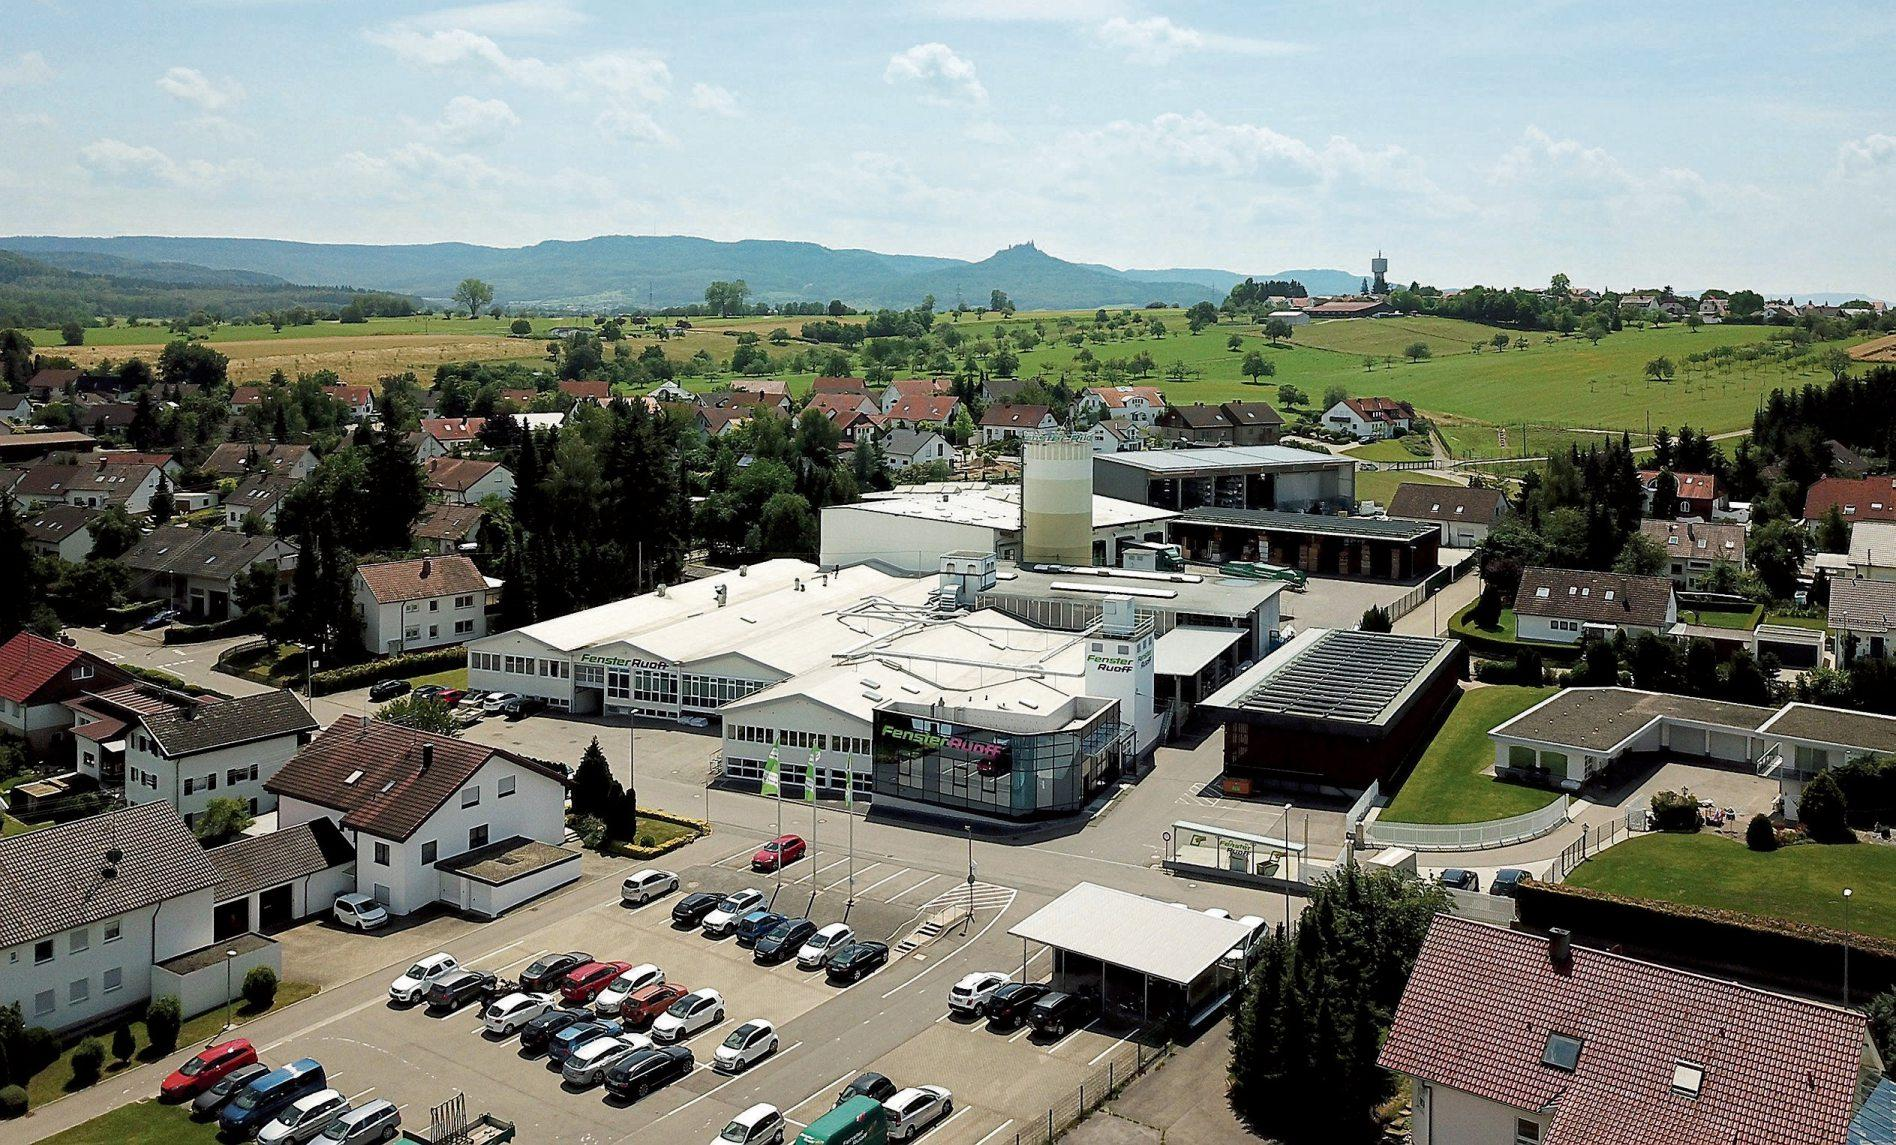 Das Firmengelände der Firma Ruoff in der Zeppelinstrasse 8 bis 12 in Bodelshausen: 8500 Quadratmeter reine Produktionsfläche und 2500 Quadratmeter Lagerfläche stehen hier zur Verfügung. Bilder: Fenster Ruoff